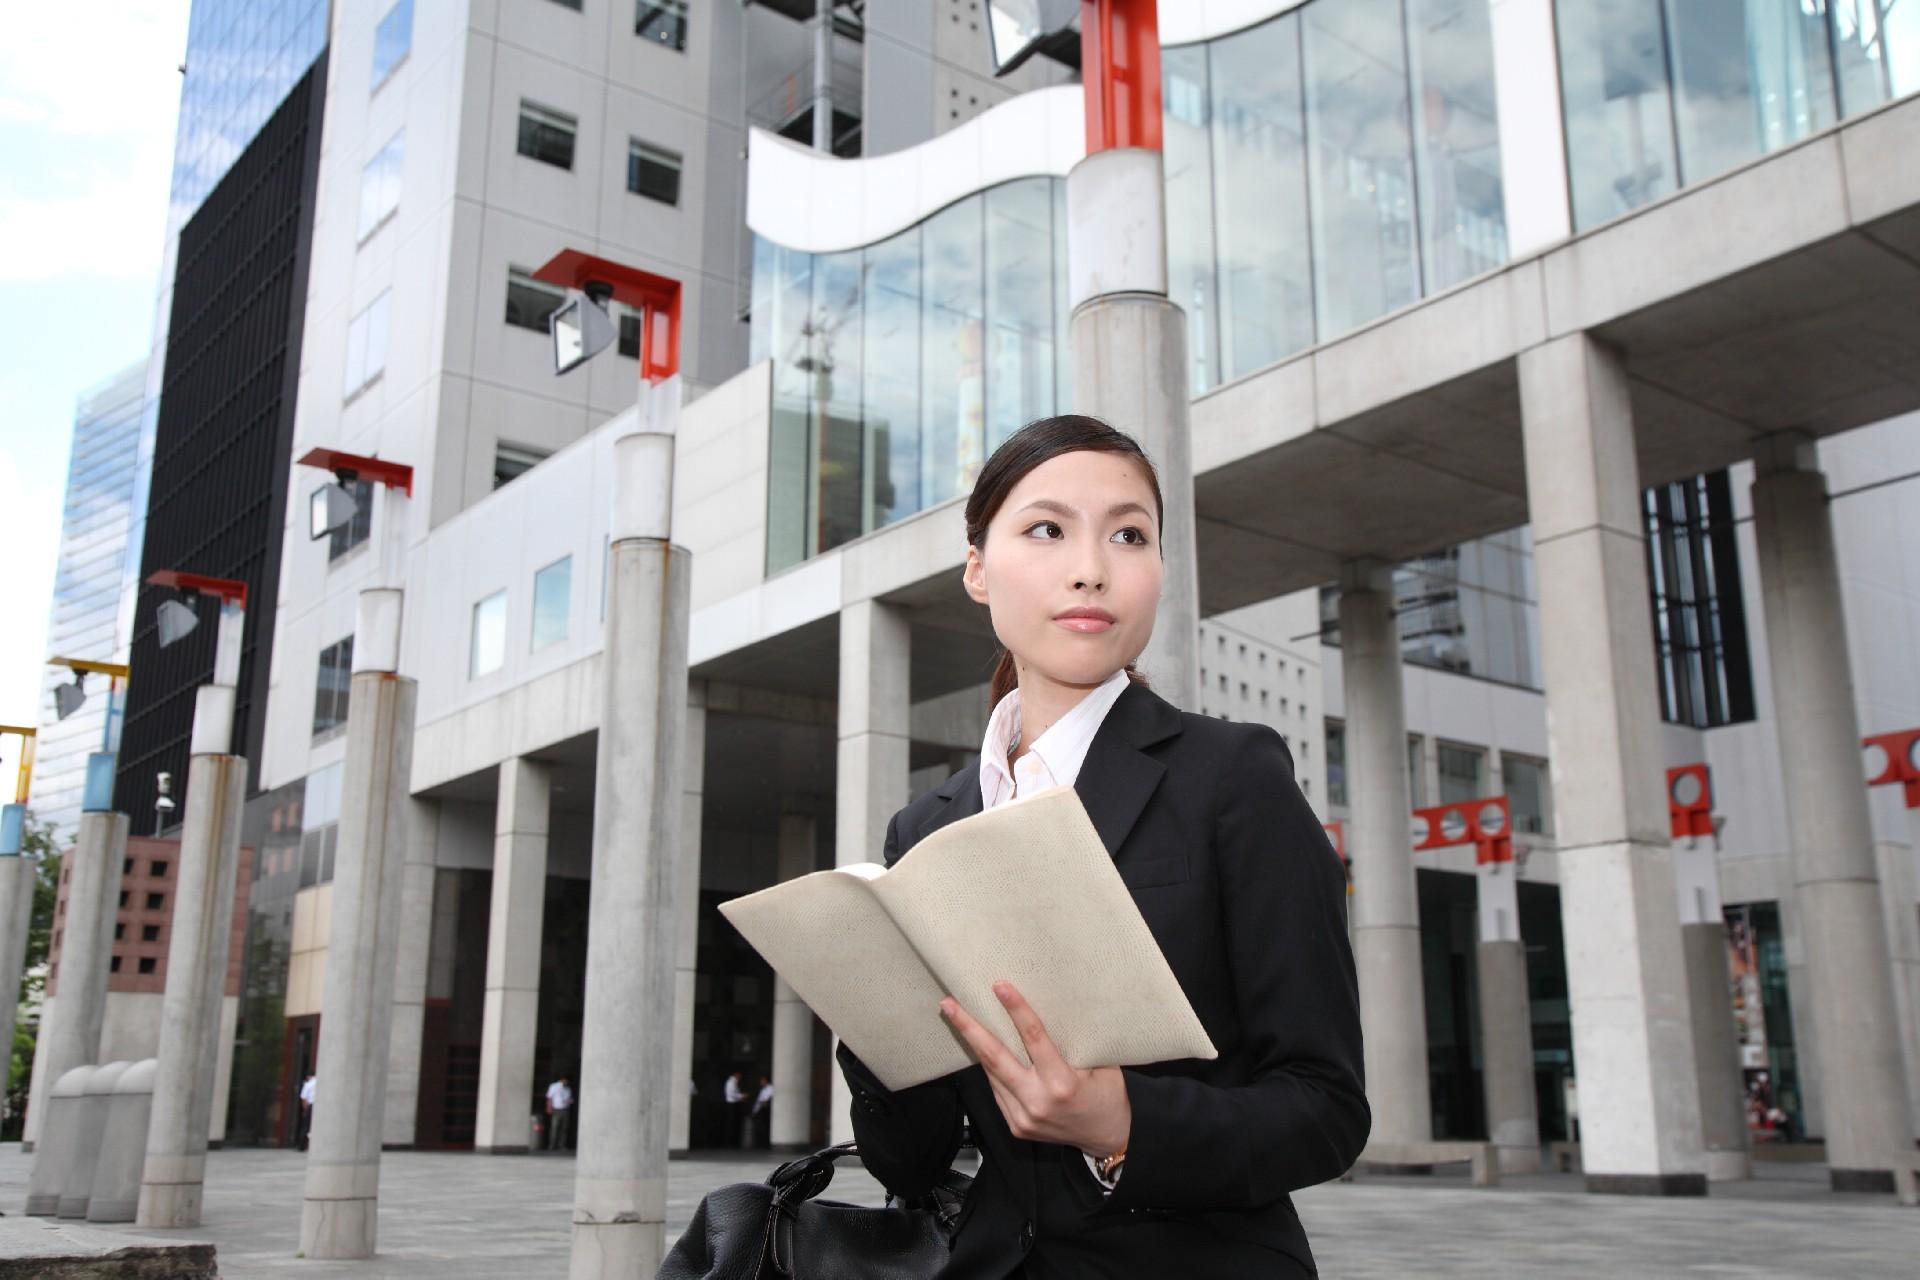 2016年卒の就活戦線は「中小企業志望者」が増加傾向 就活の「後ろ倒し」も影響か